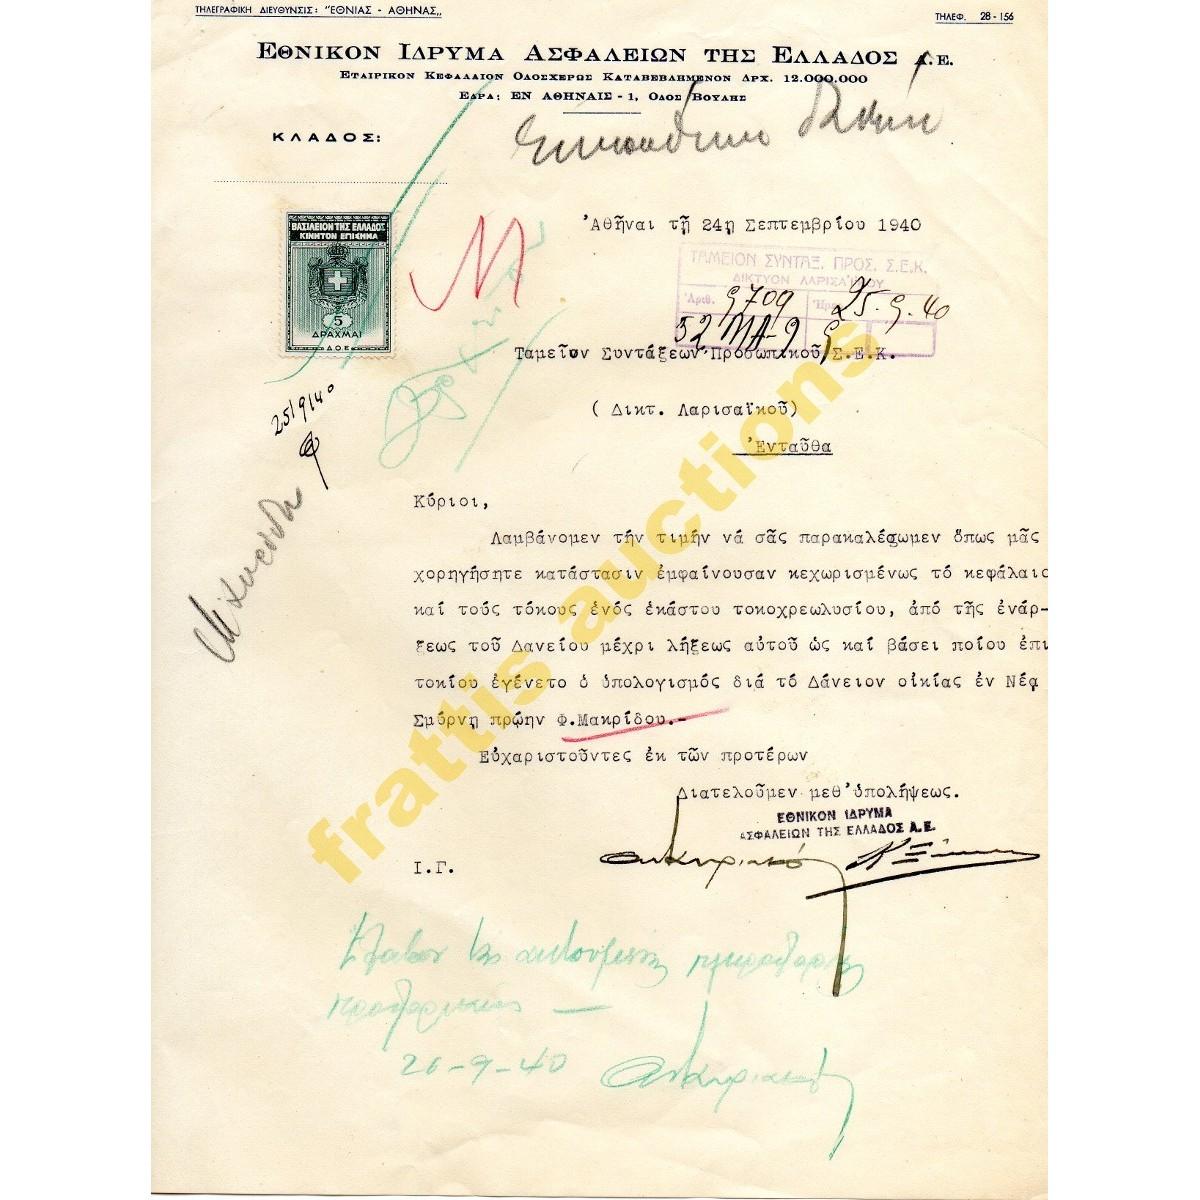 ΕΘΝΙΚΟΝ ΙΔΡΥΜΑ ΑΣΦΑΛΕΙΩΝ ΤΗΣ ΕΛΛΑΔΟΣ, επιστολή 1940.